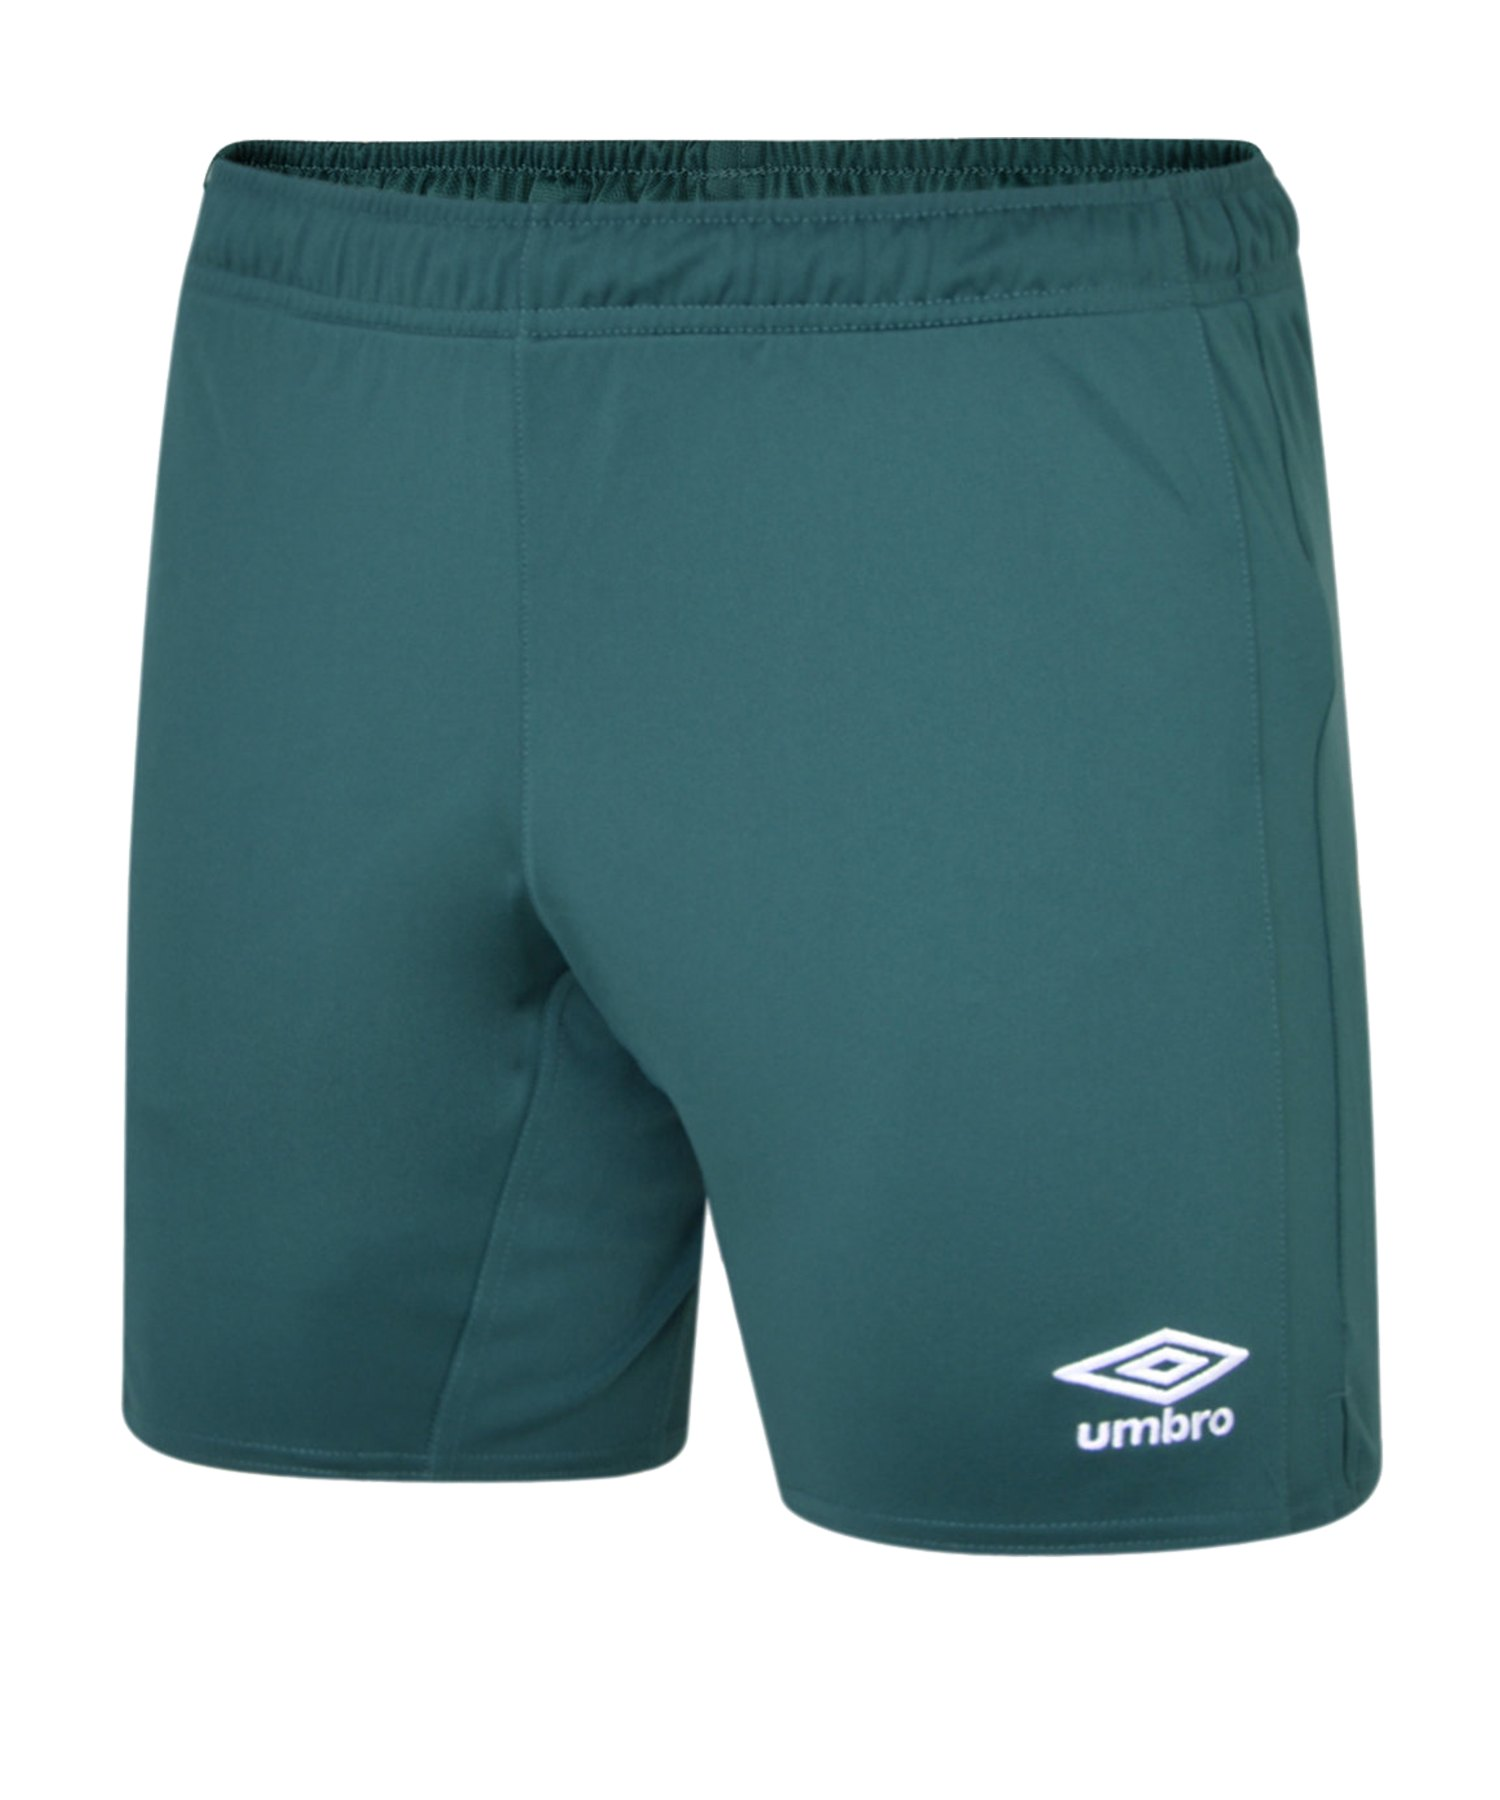 Umbro SV Werder Bremen Short Away 2019/2020 - gruen